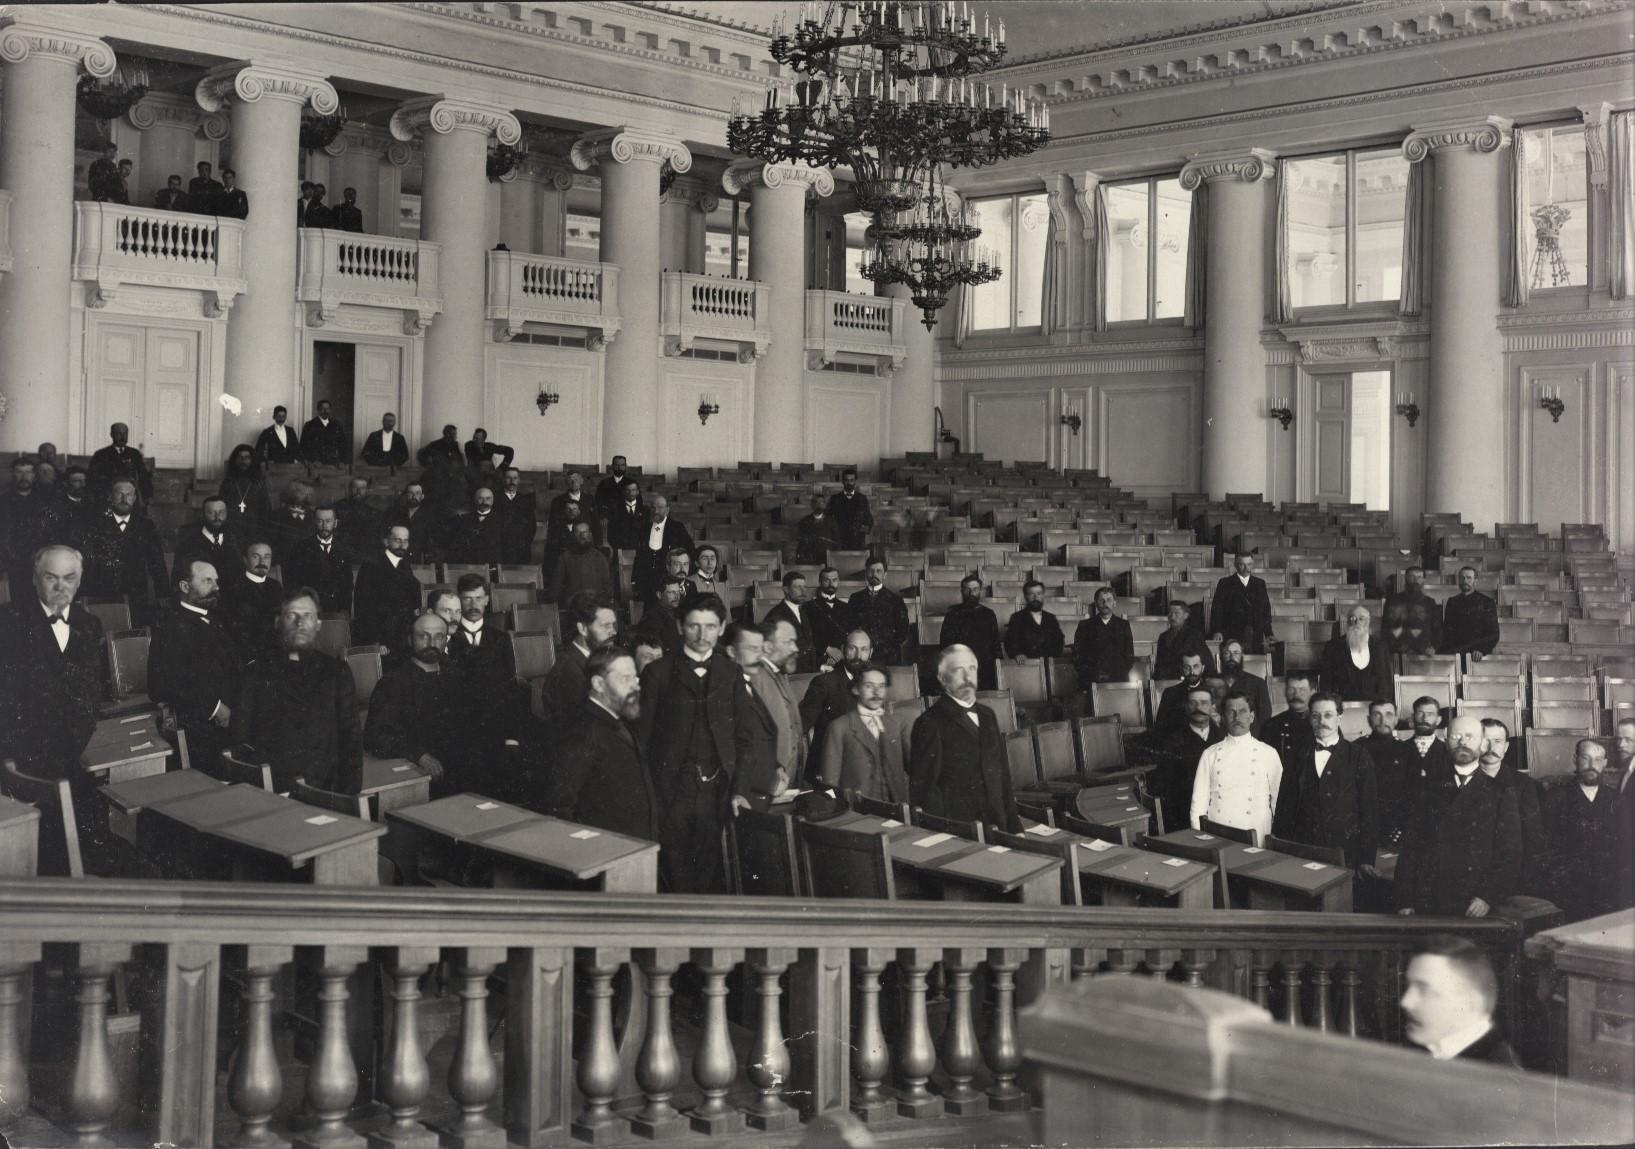 Депутаты выбирают места в зале заседаний накануне открытия I Государственной Думы. 25 апреля 1906 г. Фотограф К.К. Булла.